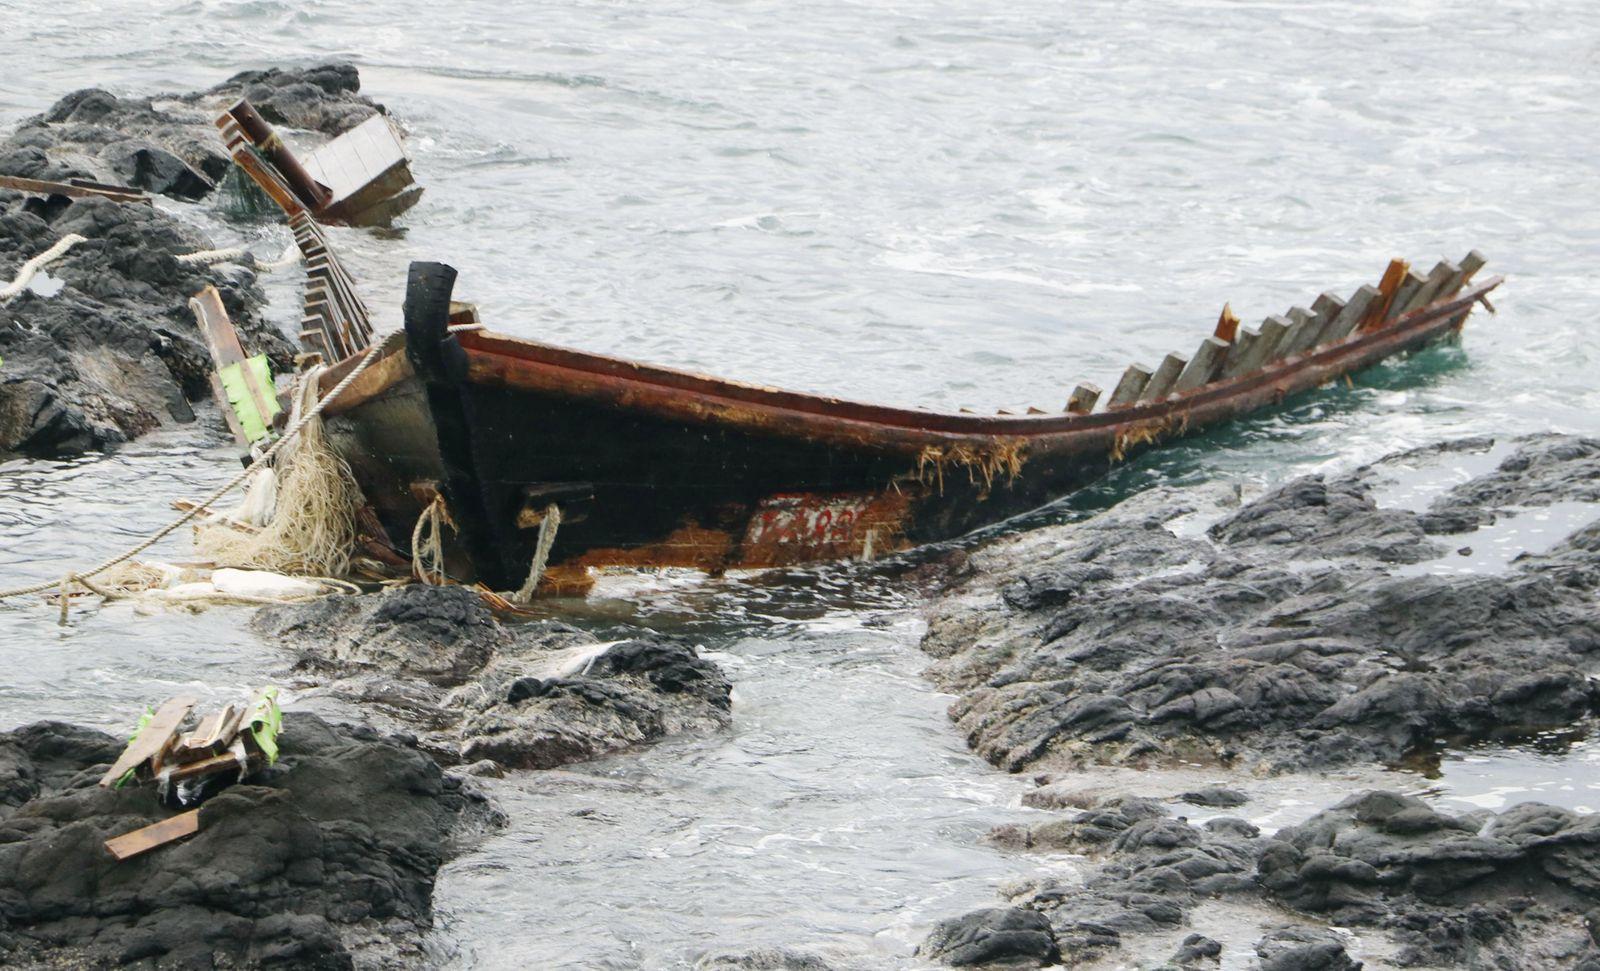 Japan North Korean Boat